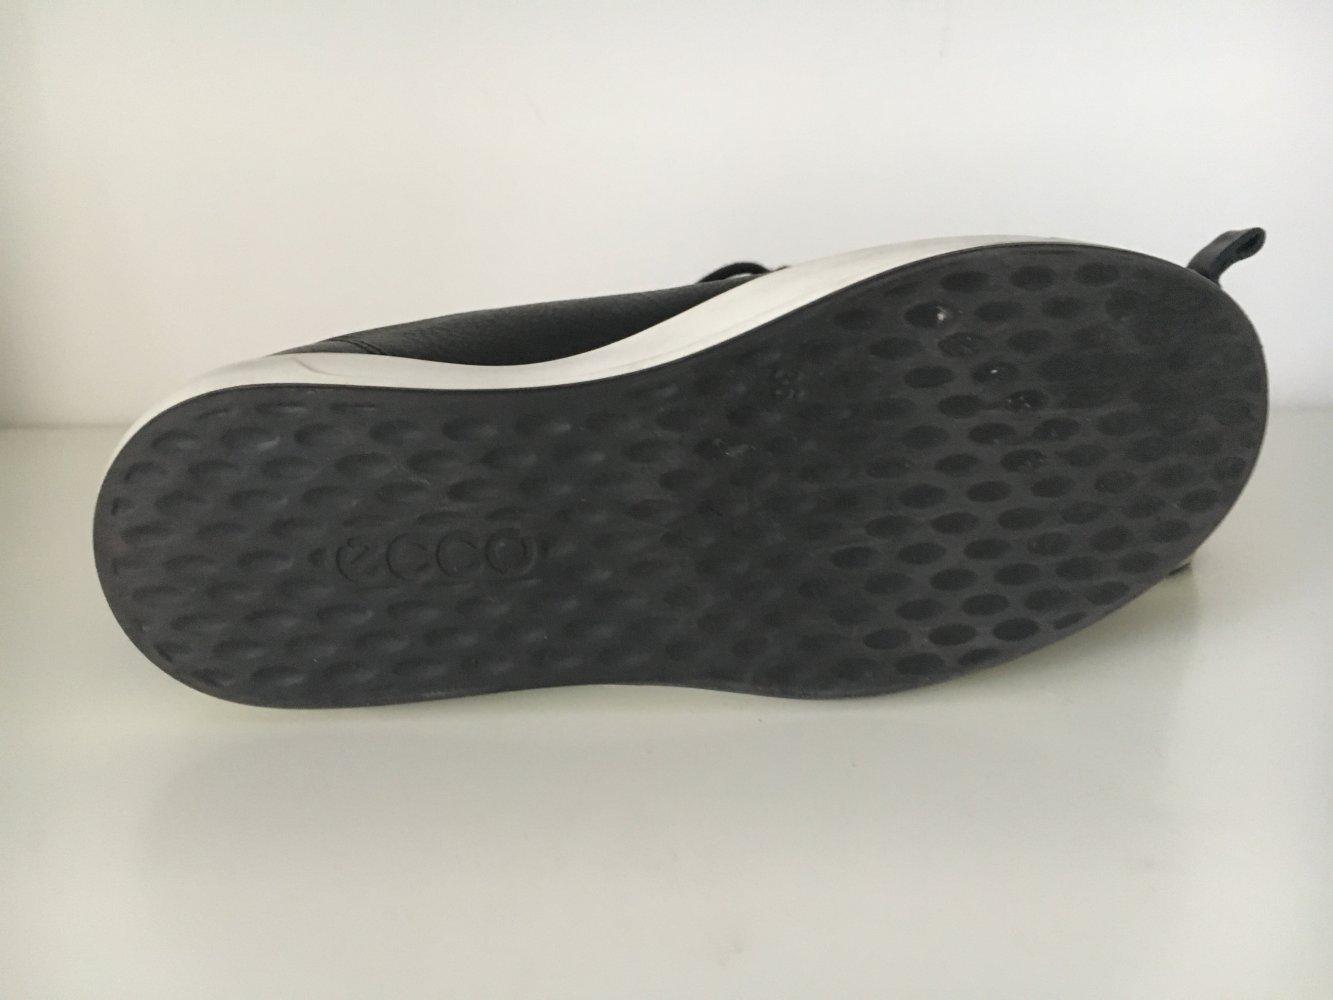 Ecco Schuhe sehr wenig getragen